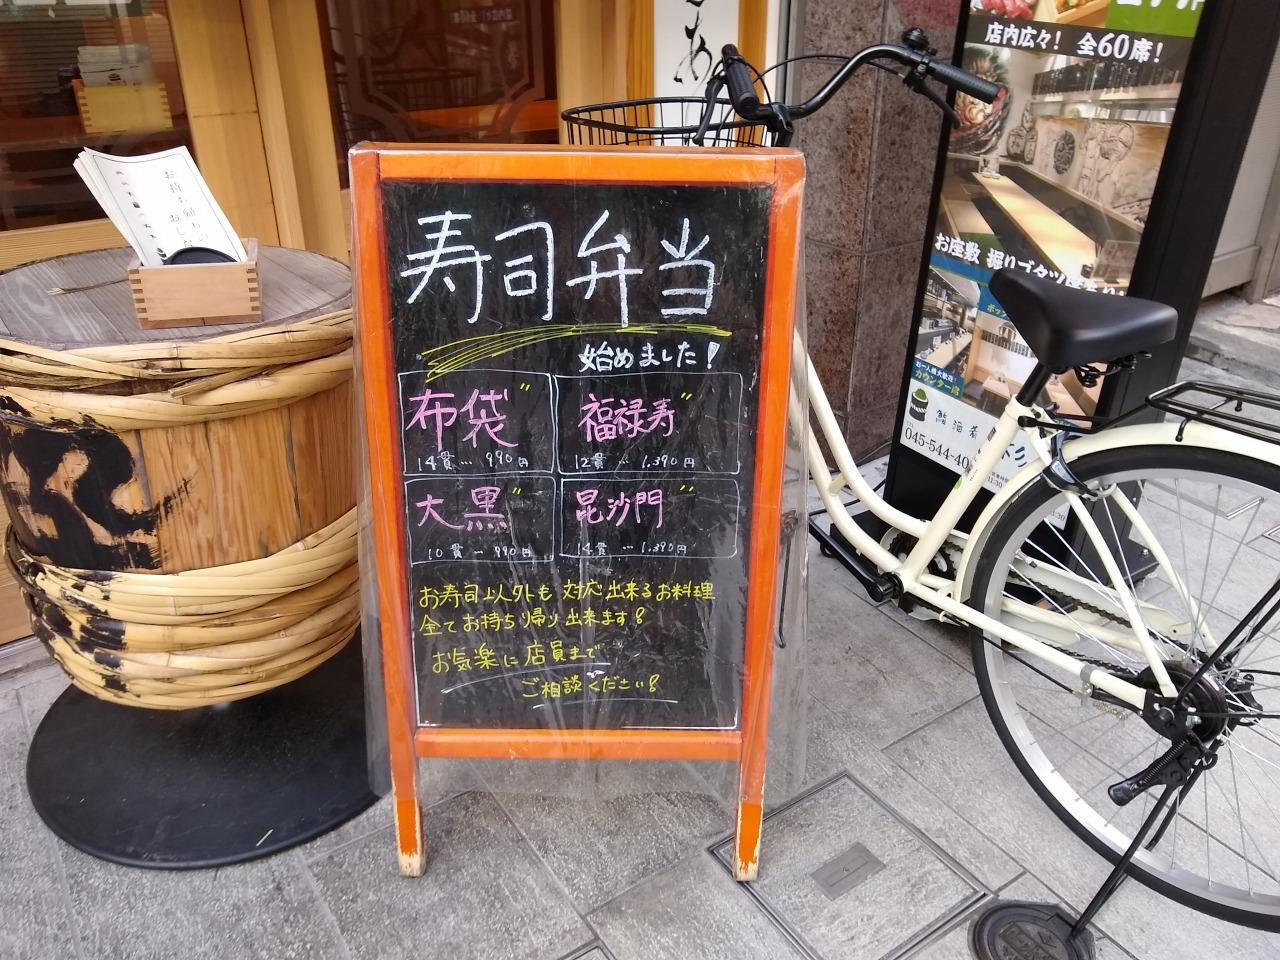 杉玉テイクアウト寿司弁当